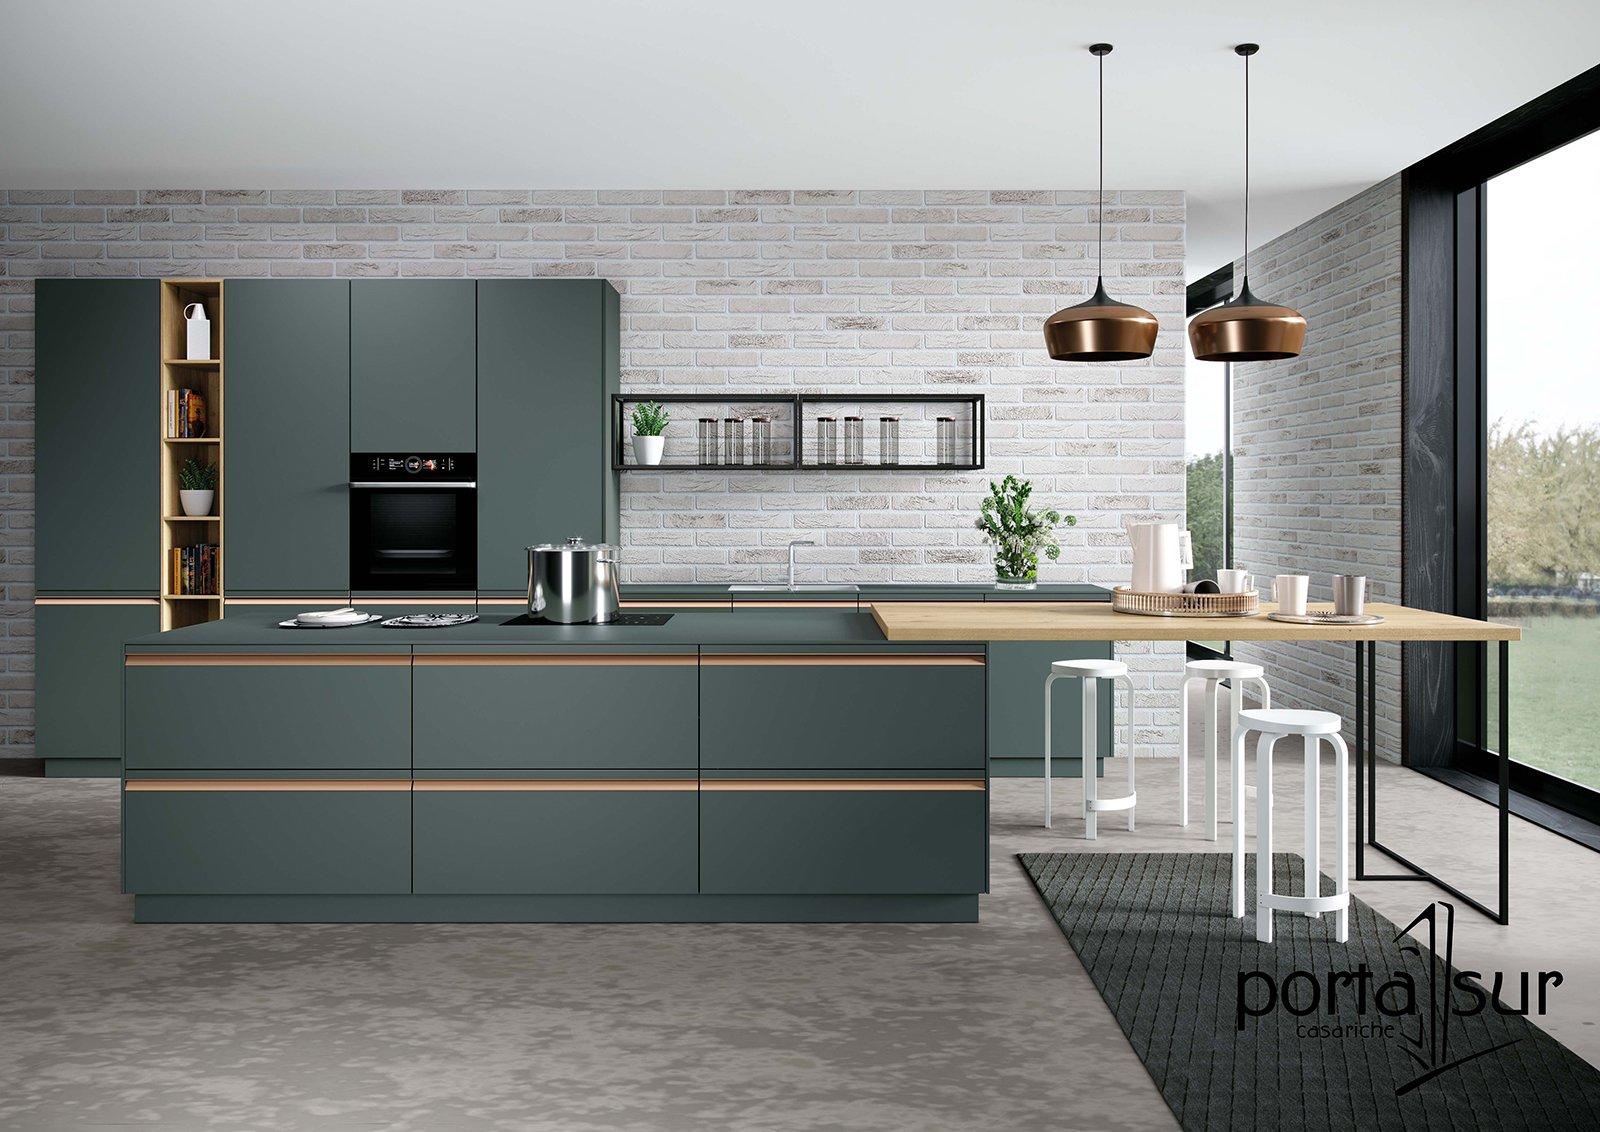 Tipos de materiales para las puertas de tu cocina.